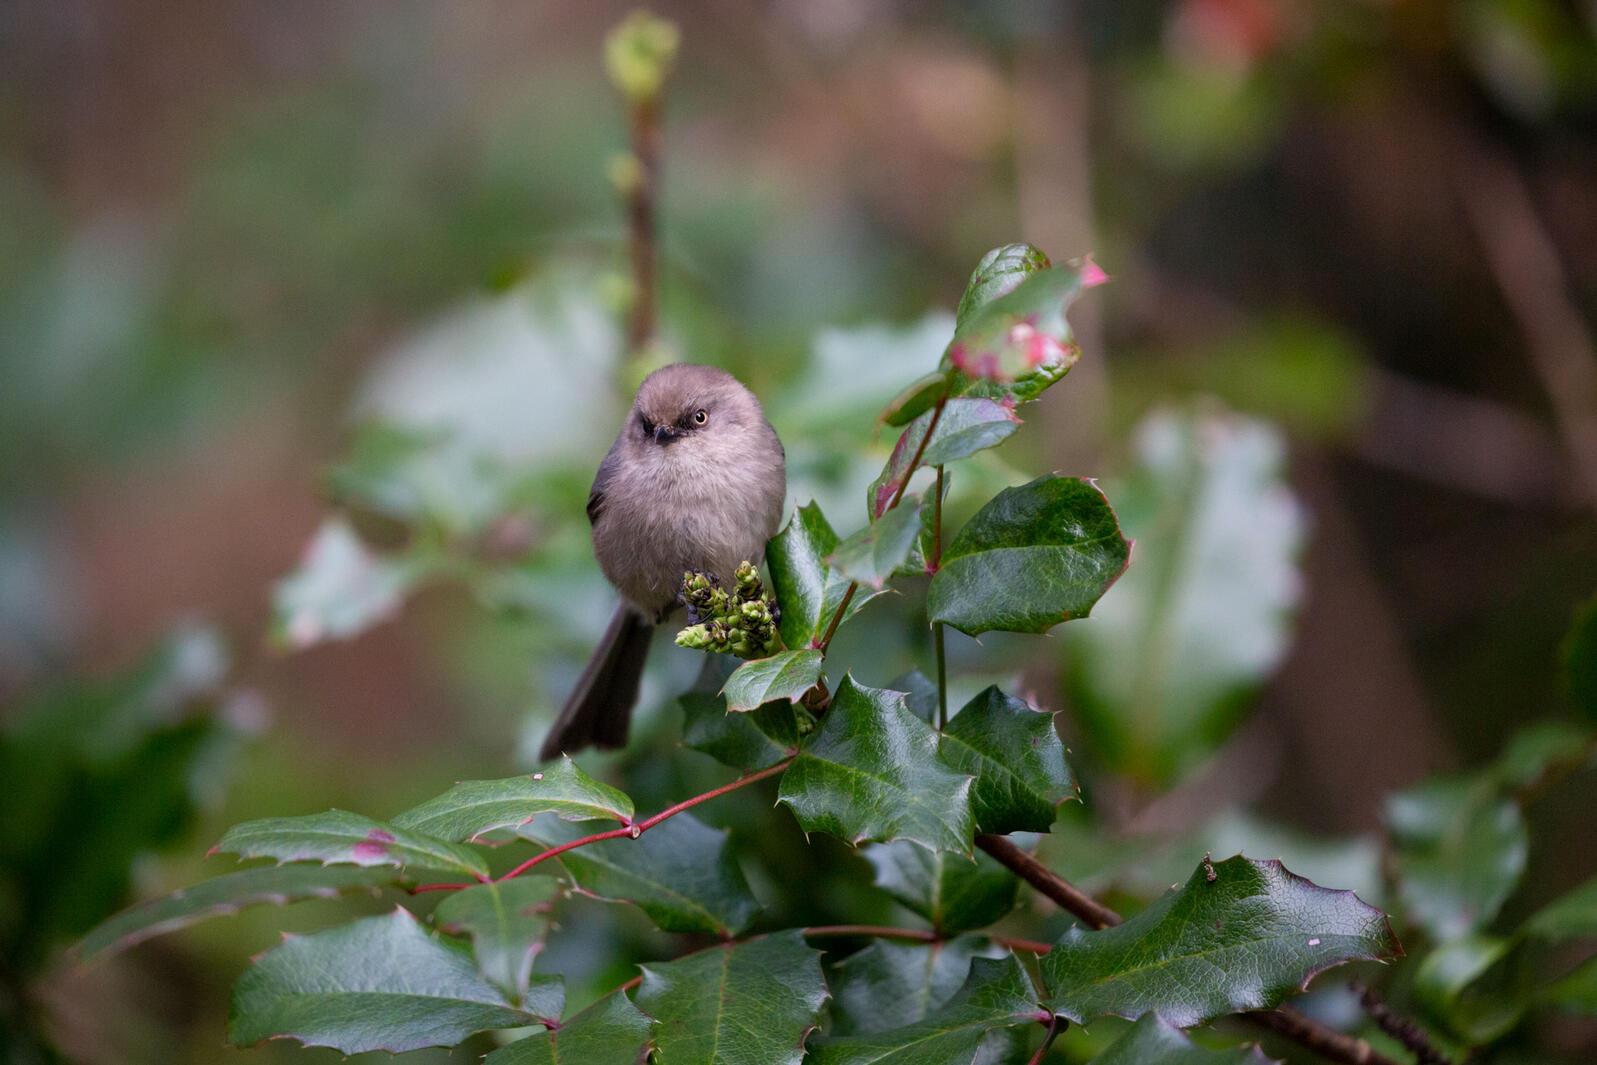 Bushtit on an Oregon Grape. Luke Franke/Audubon